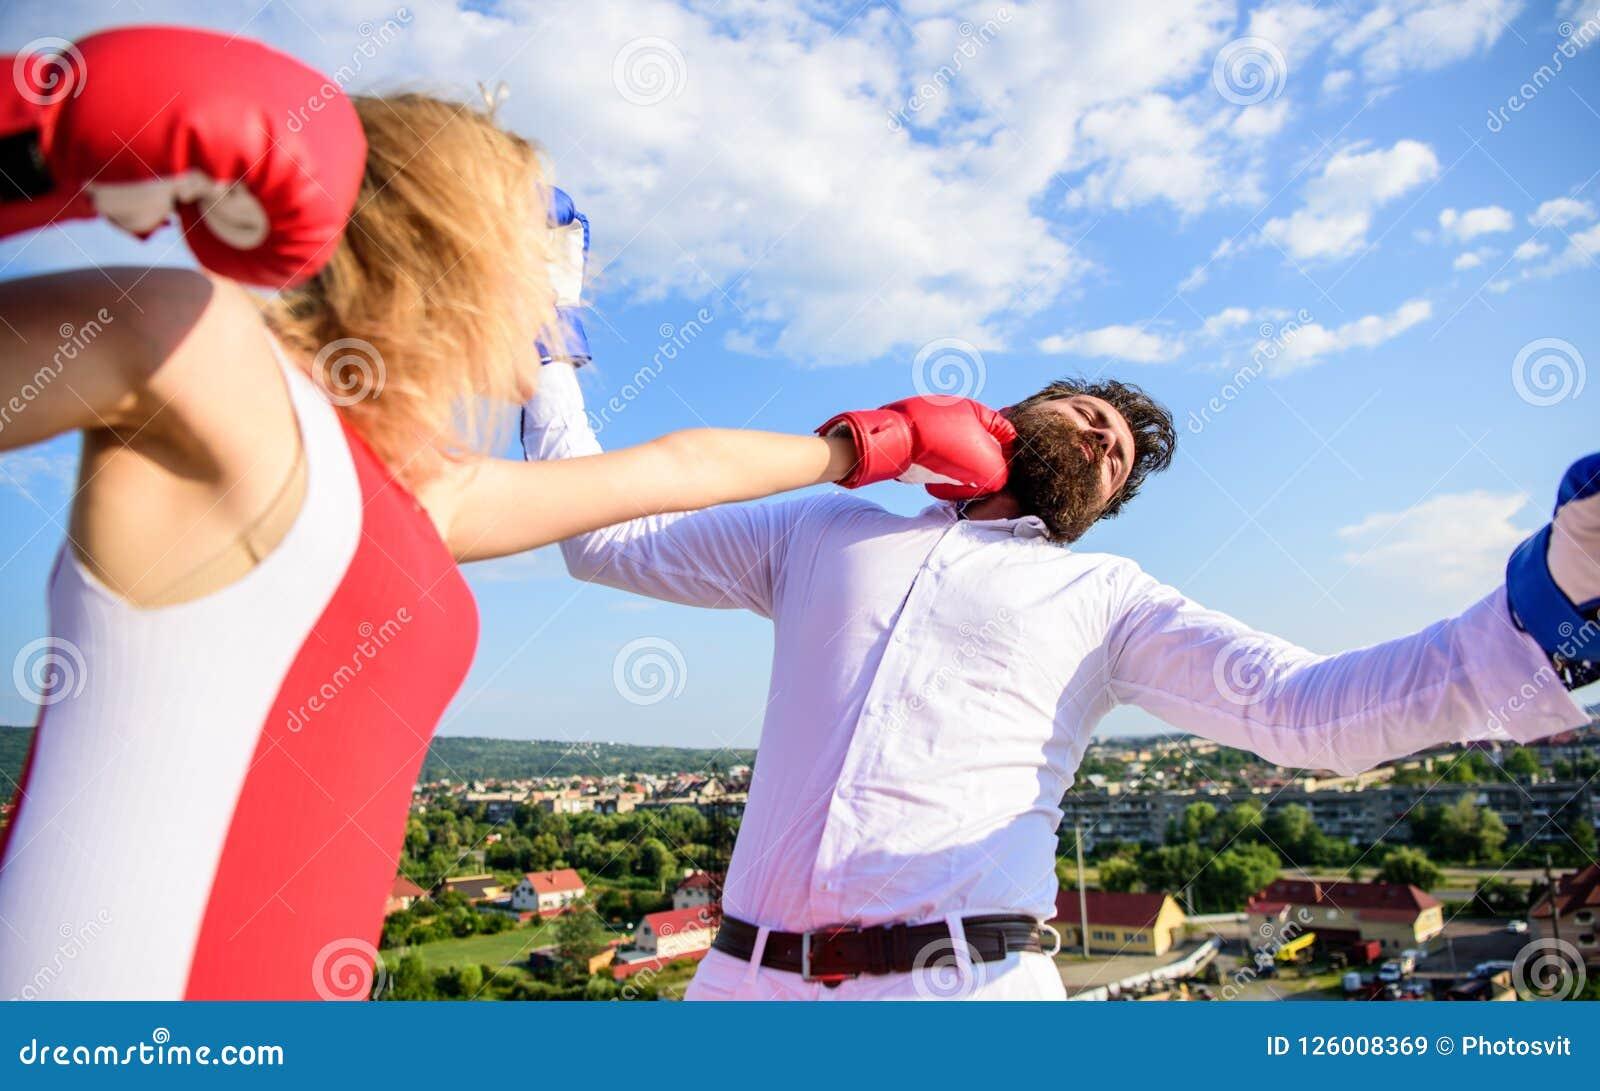 Позвольте ее концепции выигрыша Предпосылка неба боя перчаток бокса пар Сила прочности девушки уверенно Семья руководства